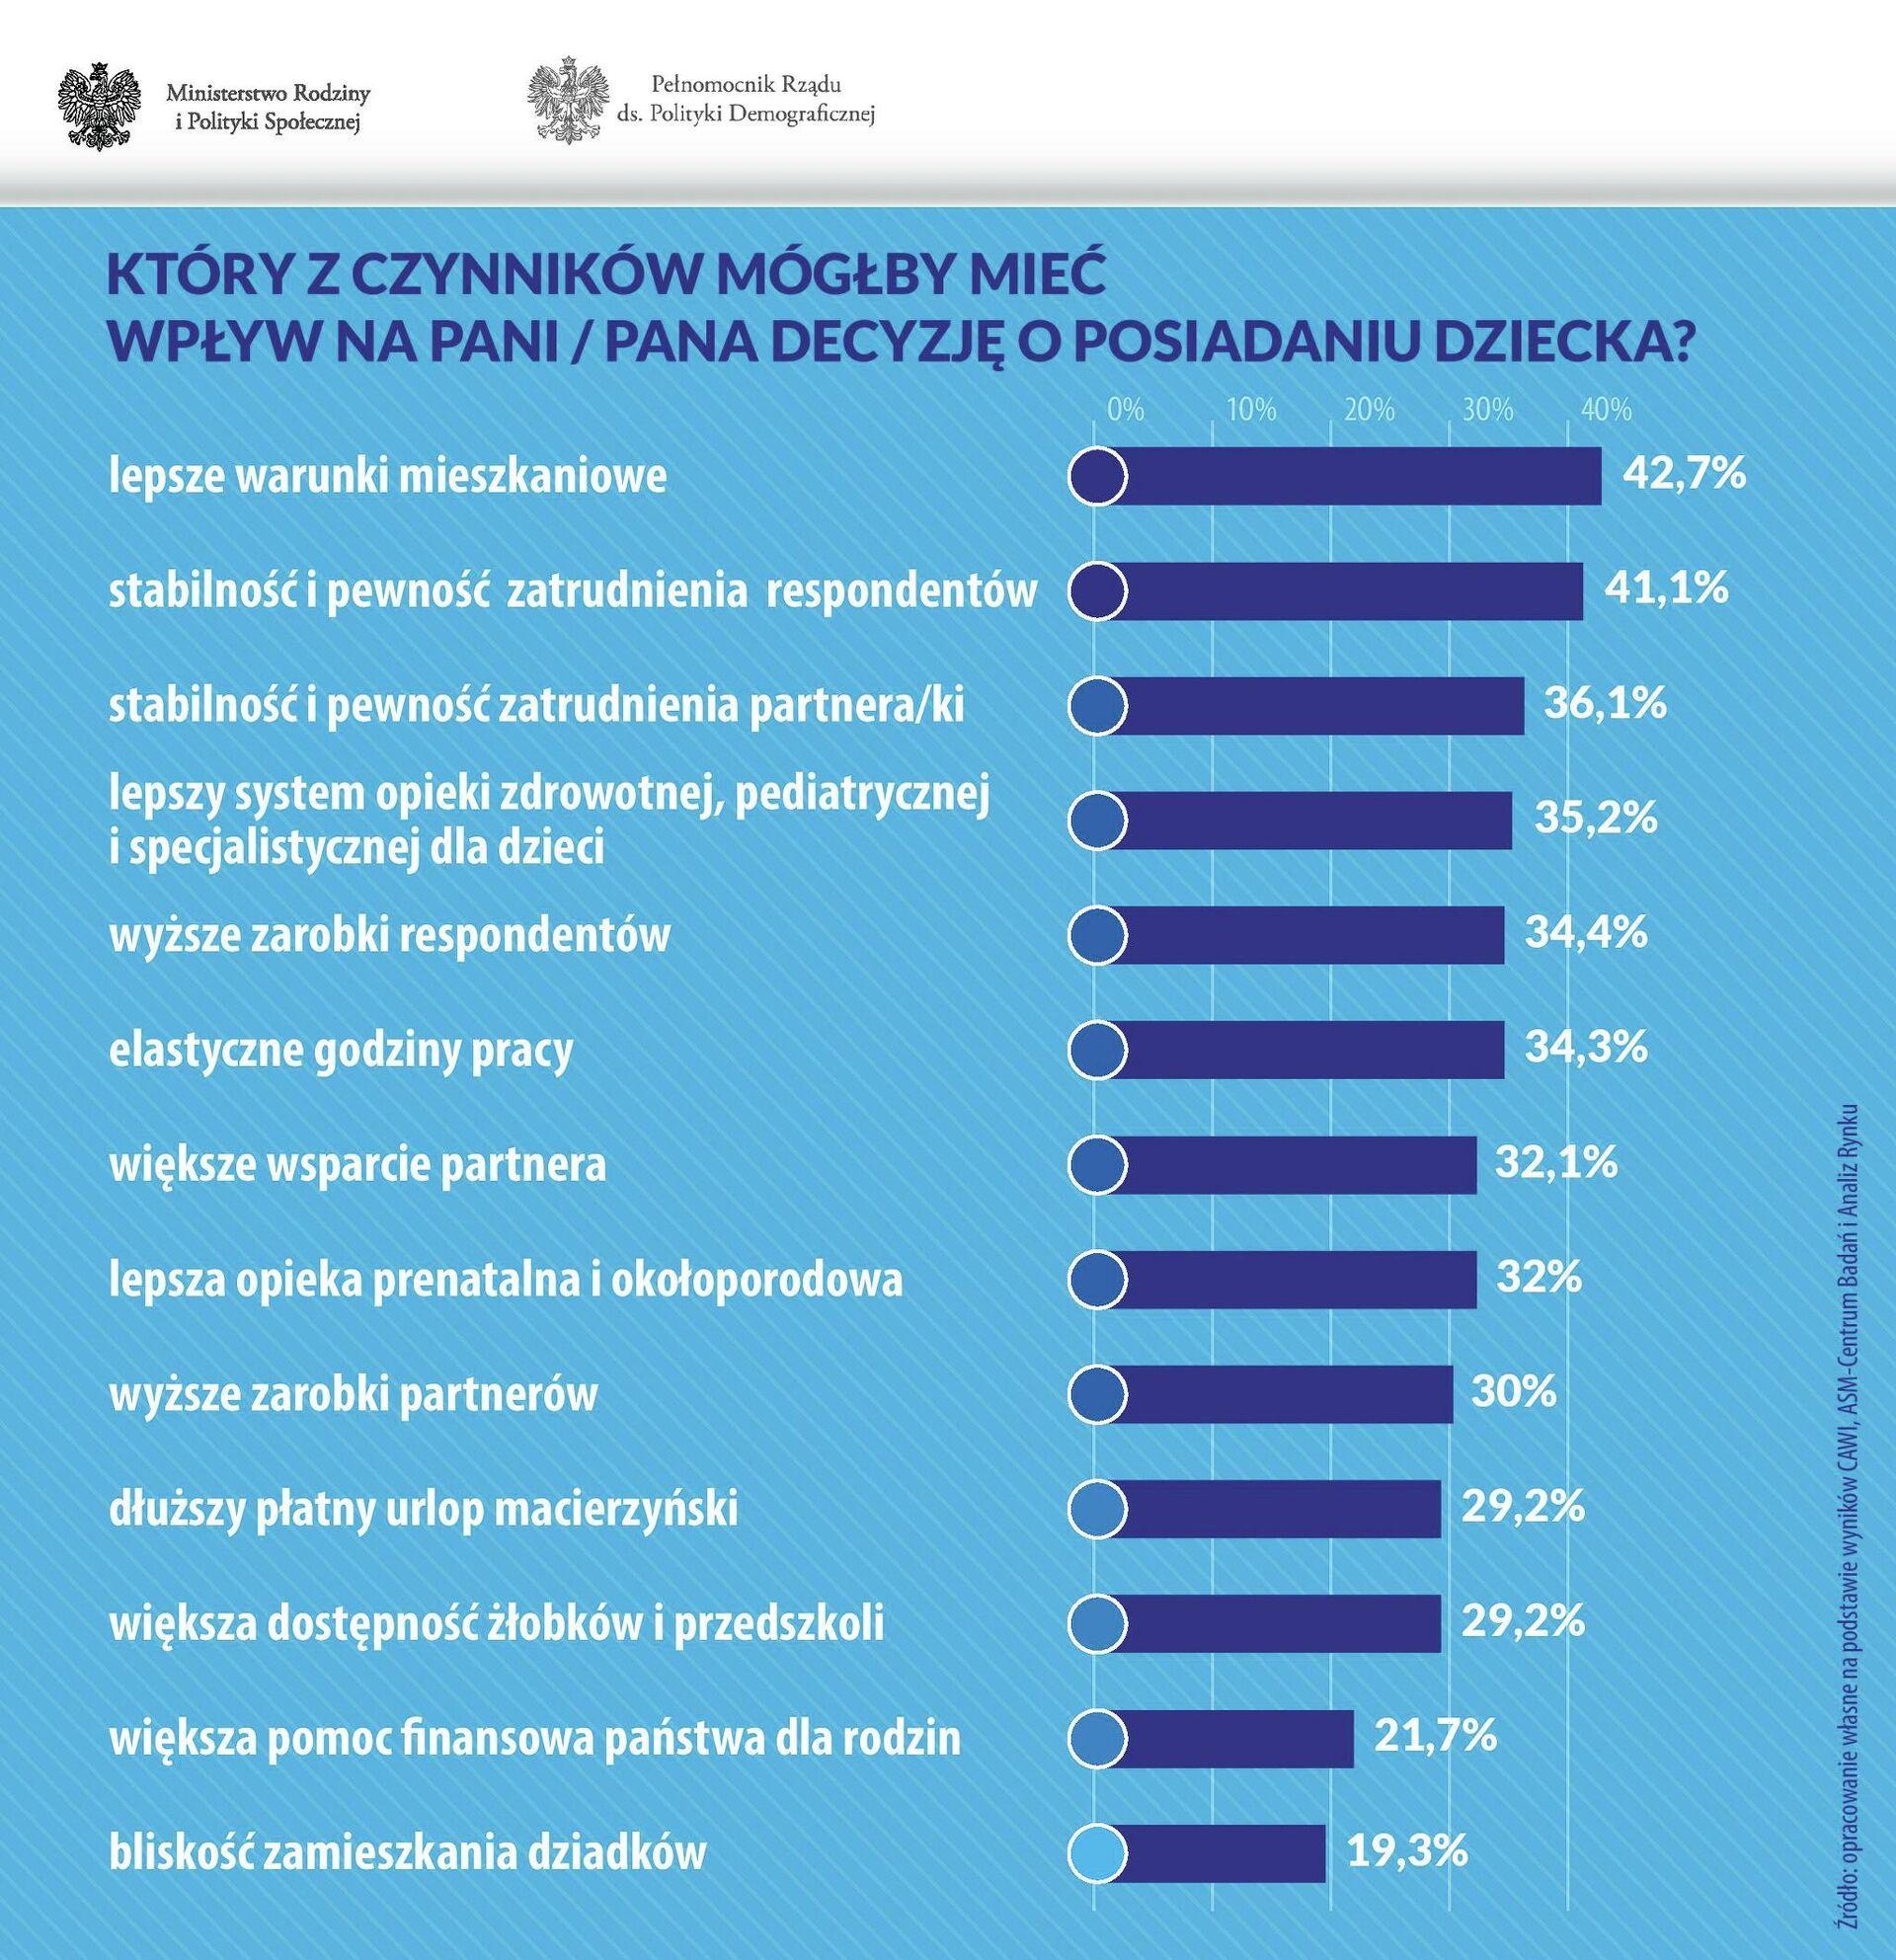 Czynniki wpływające na decyzję o posiadaniu dziecka w Polsce - Sputnik Polska, 1920, 02.08.2021